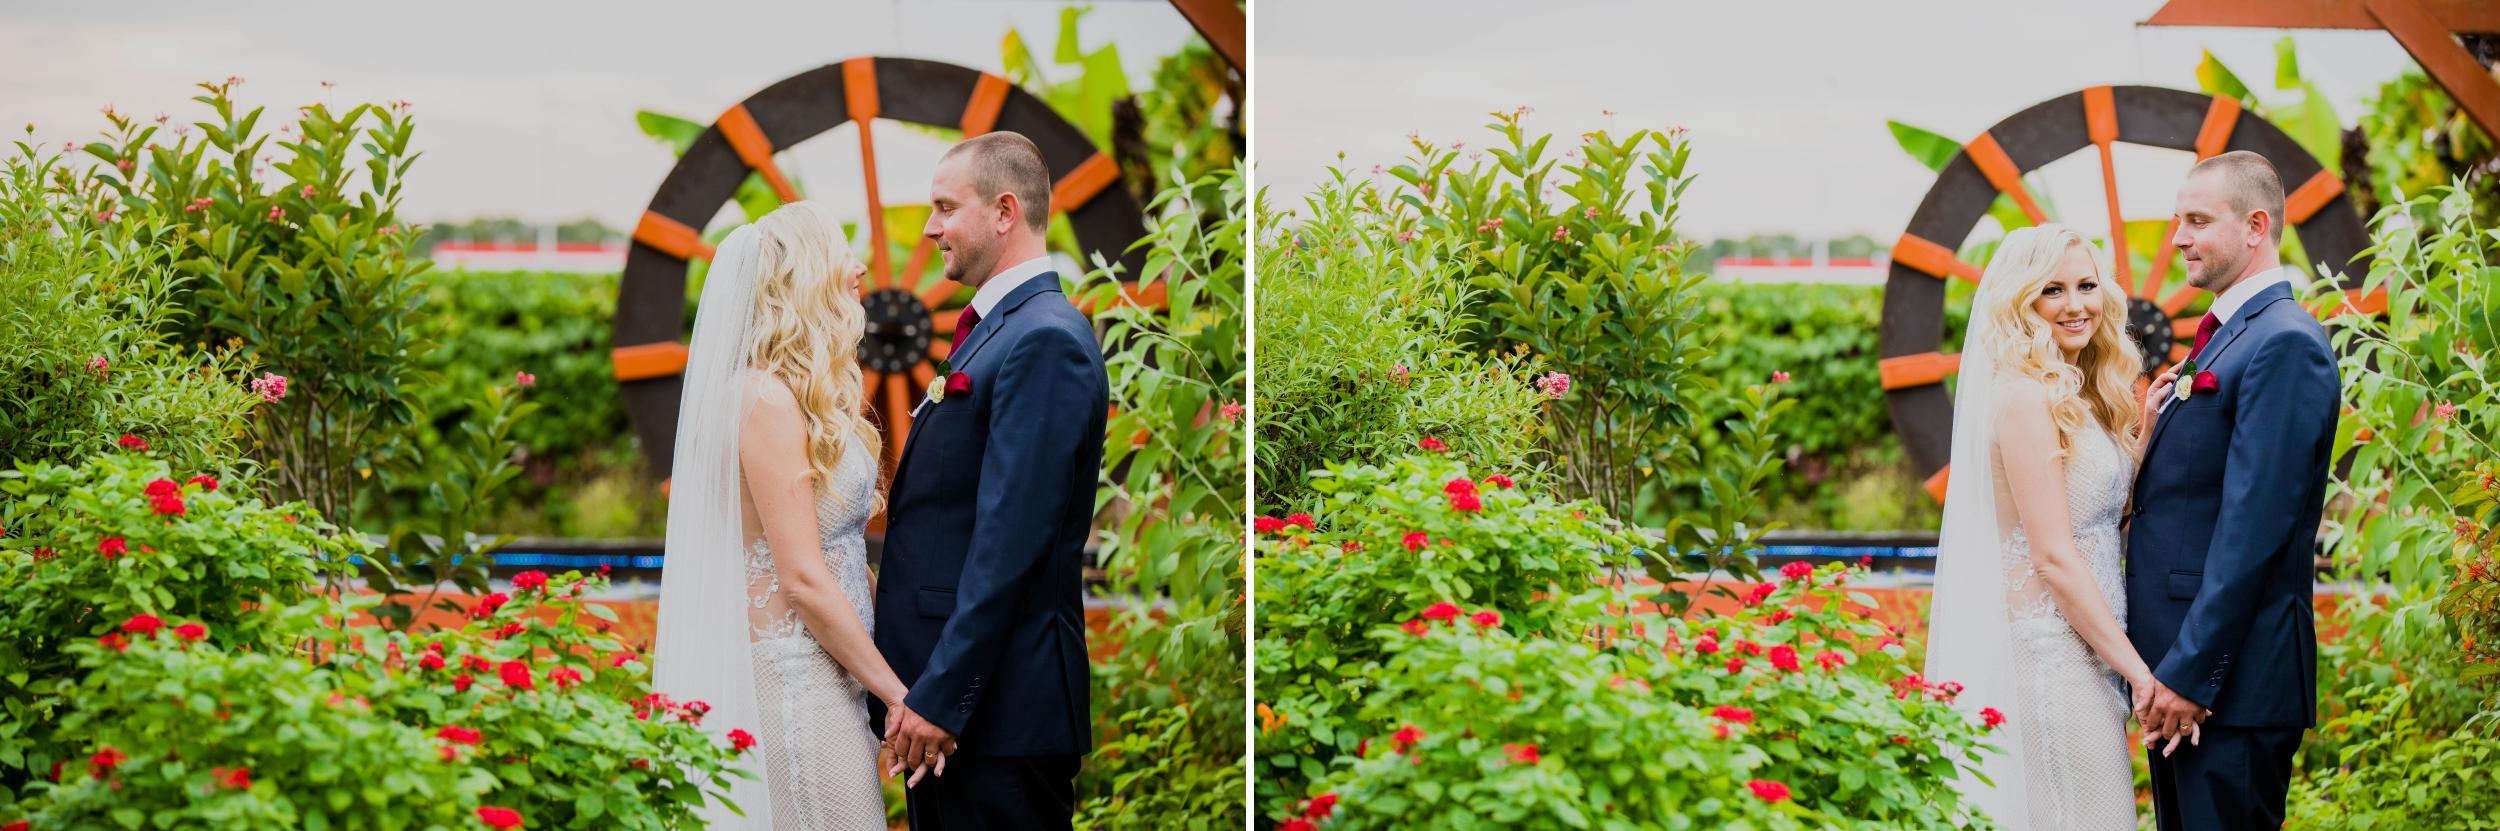 Wedding Redland Farm Life - Santy Martinez Photography 15.jpg